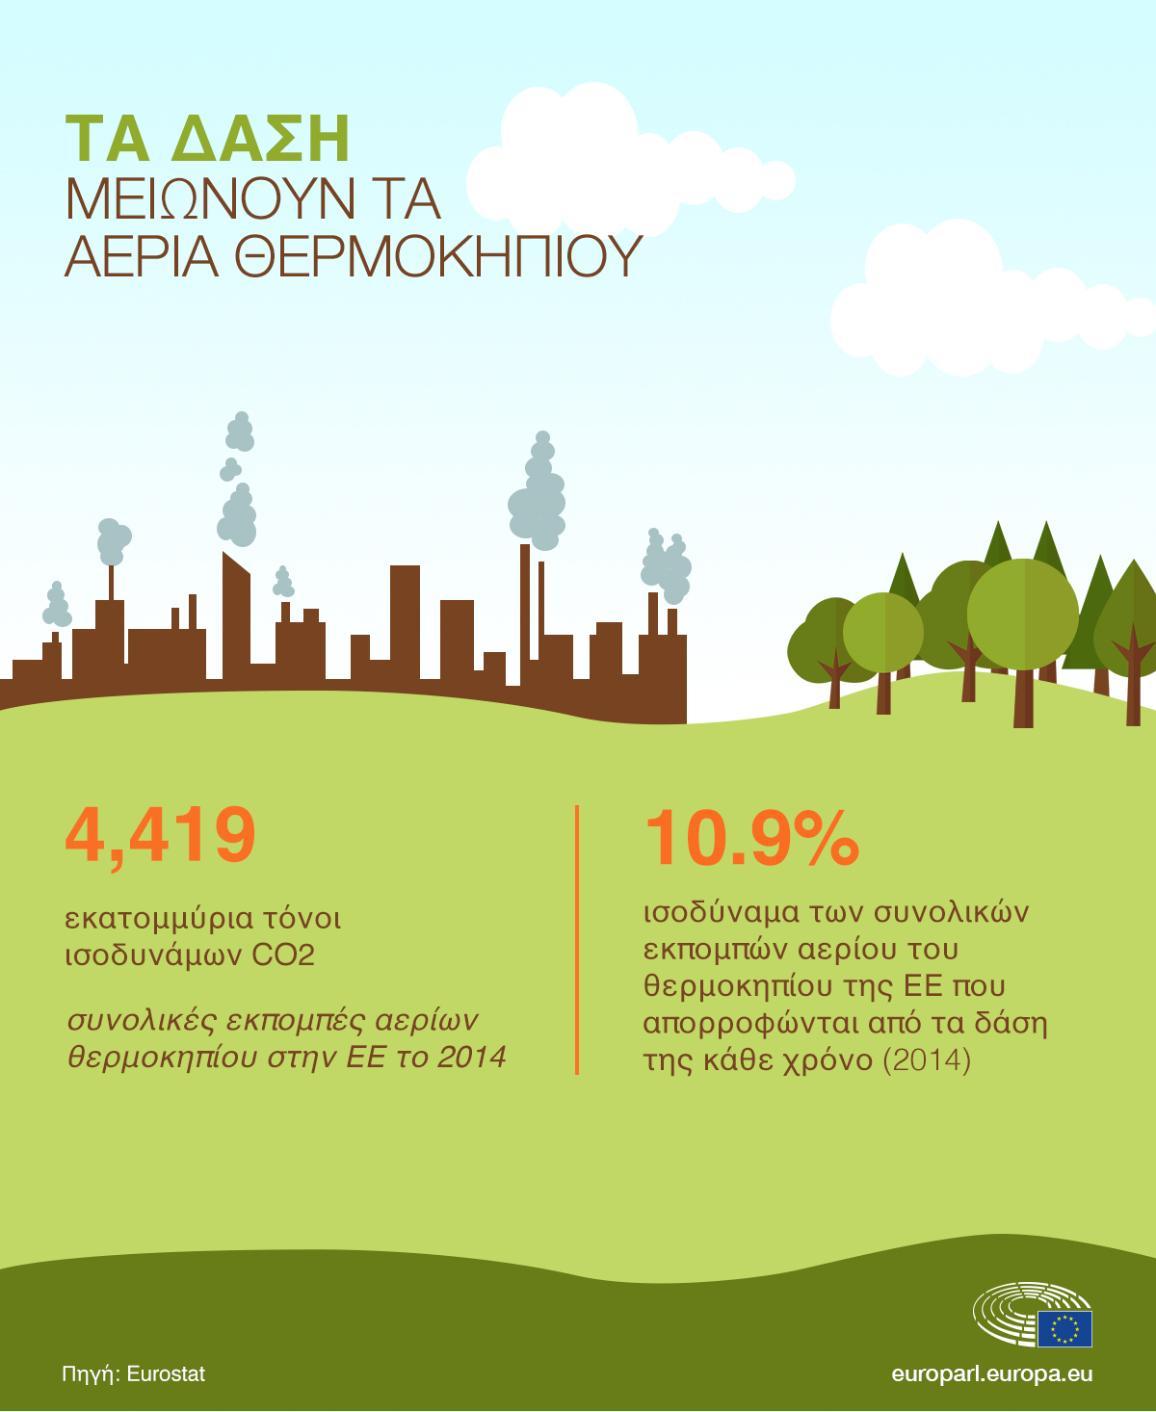 Η  ΕΕ χρησιμοποιεί τα δάση της για να μειώσει τις εκπομπές διοξειδίου του άνθρακα και να καταπολεμήσει την κλιματική αλλαγή.